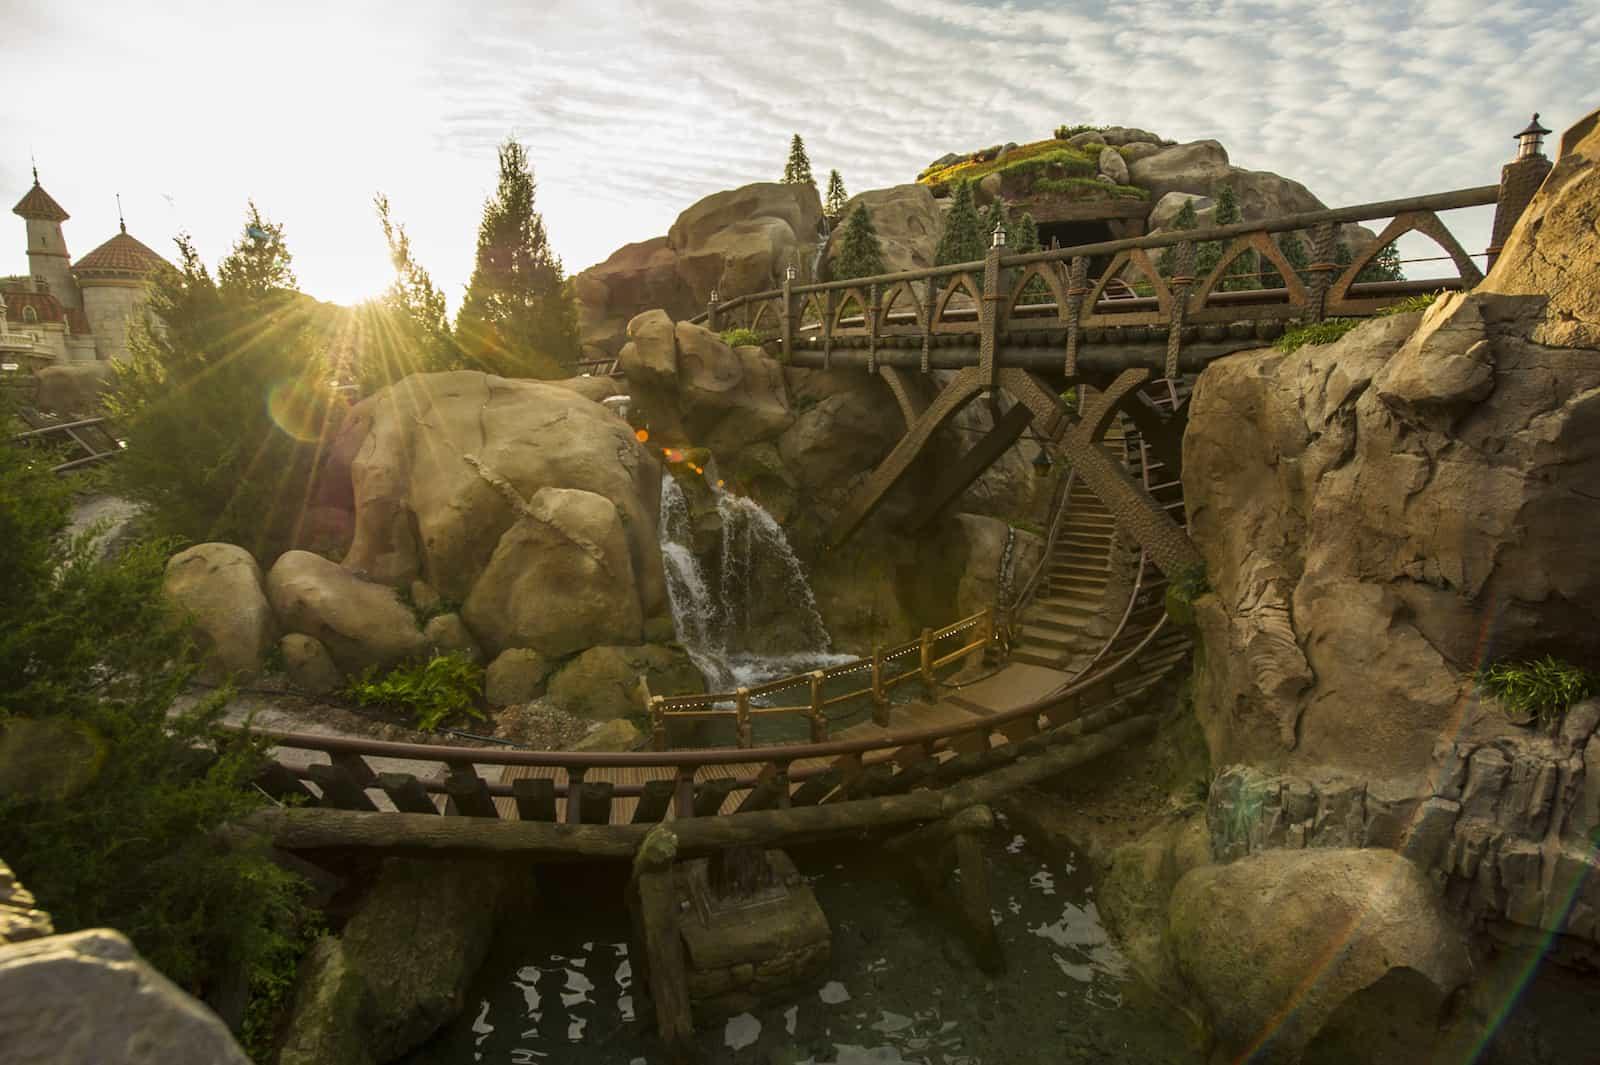 seven dwarfs mine train by vekoma best themed roller coasters blooloop